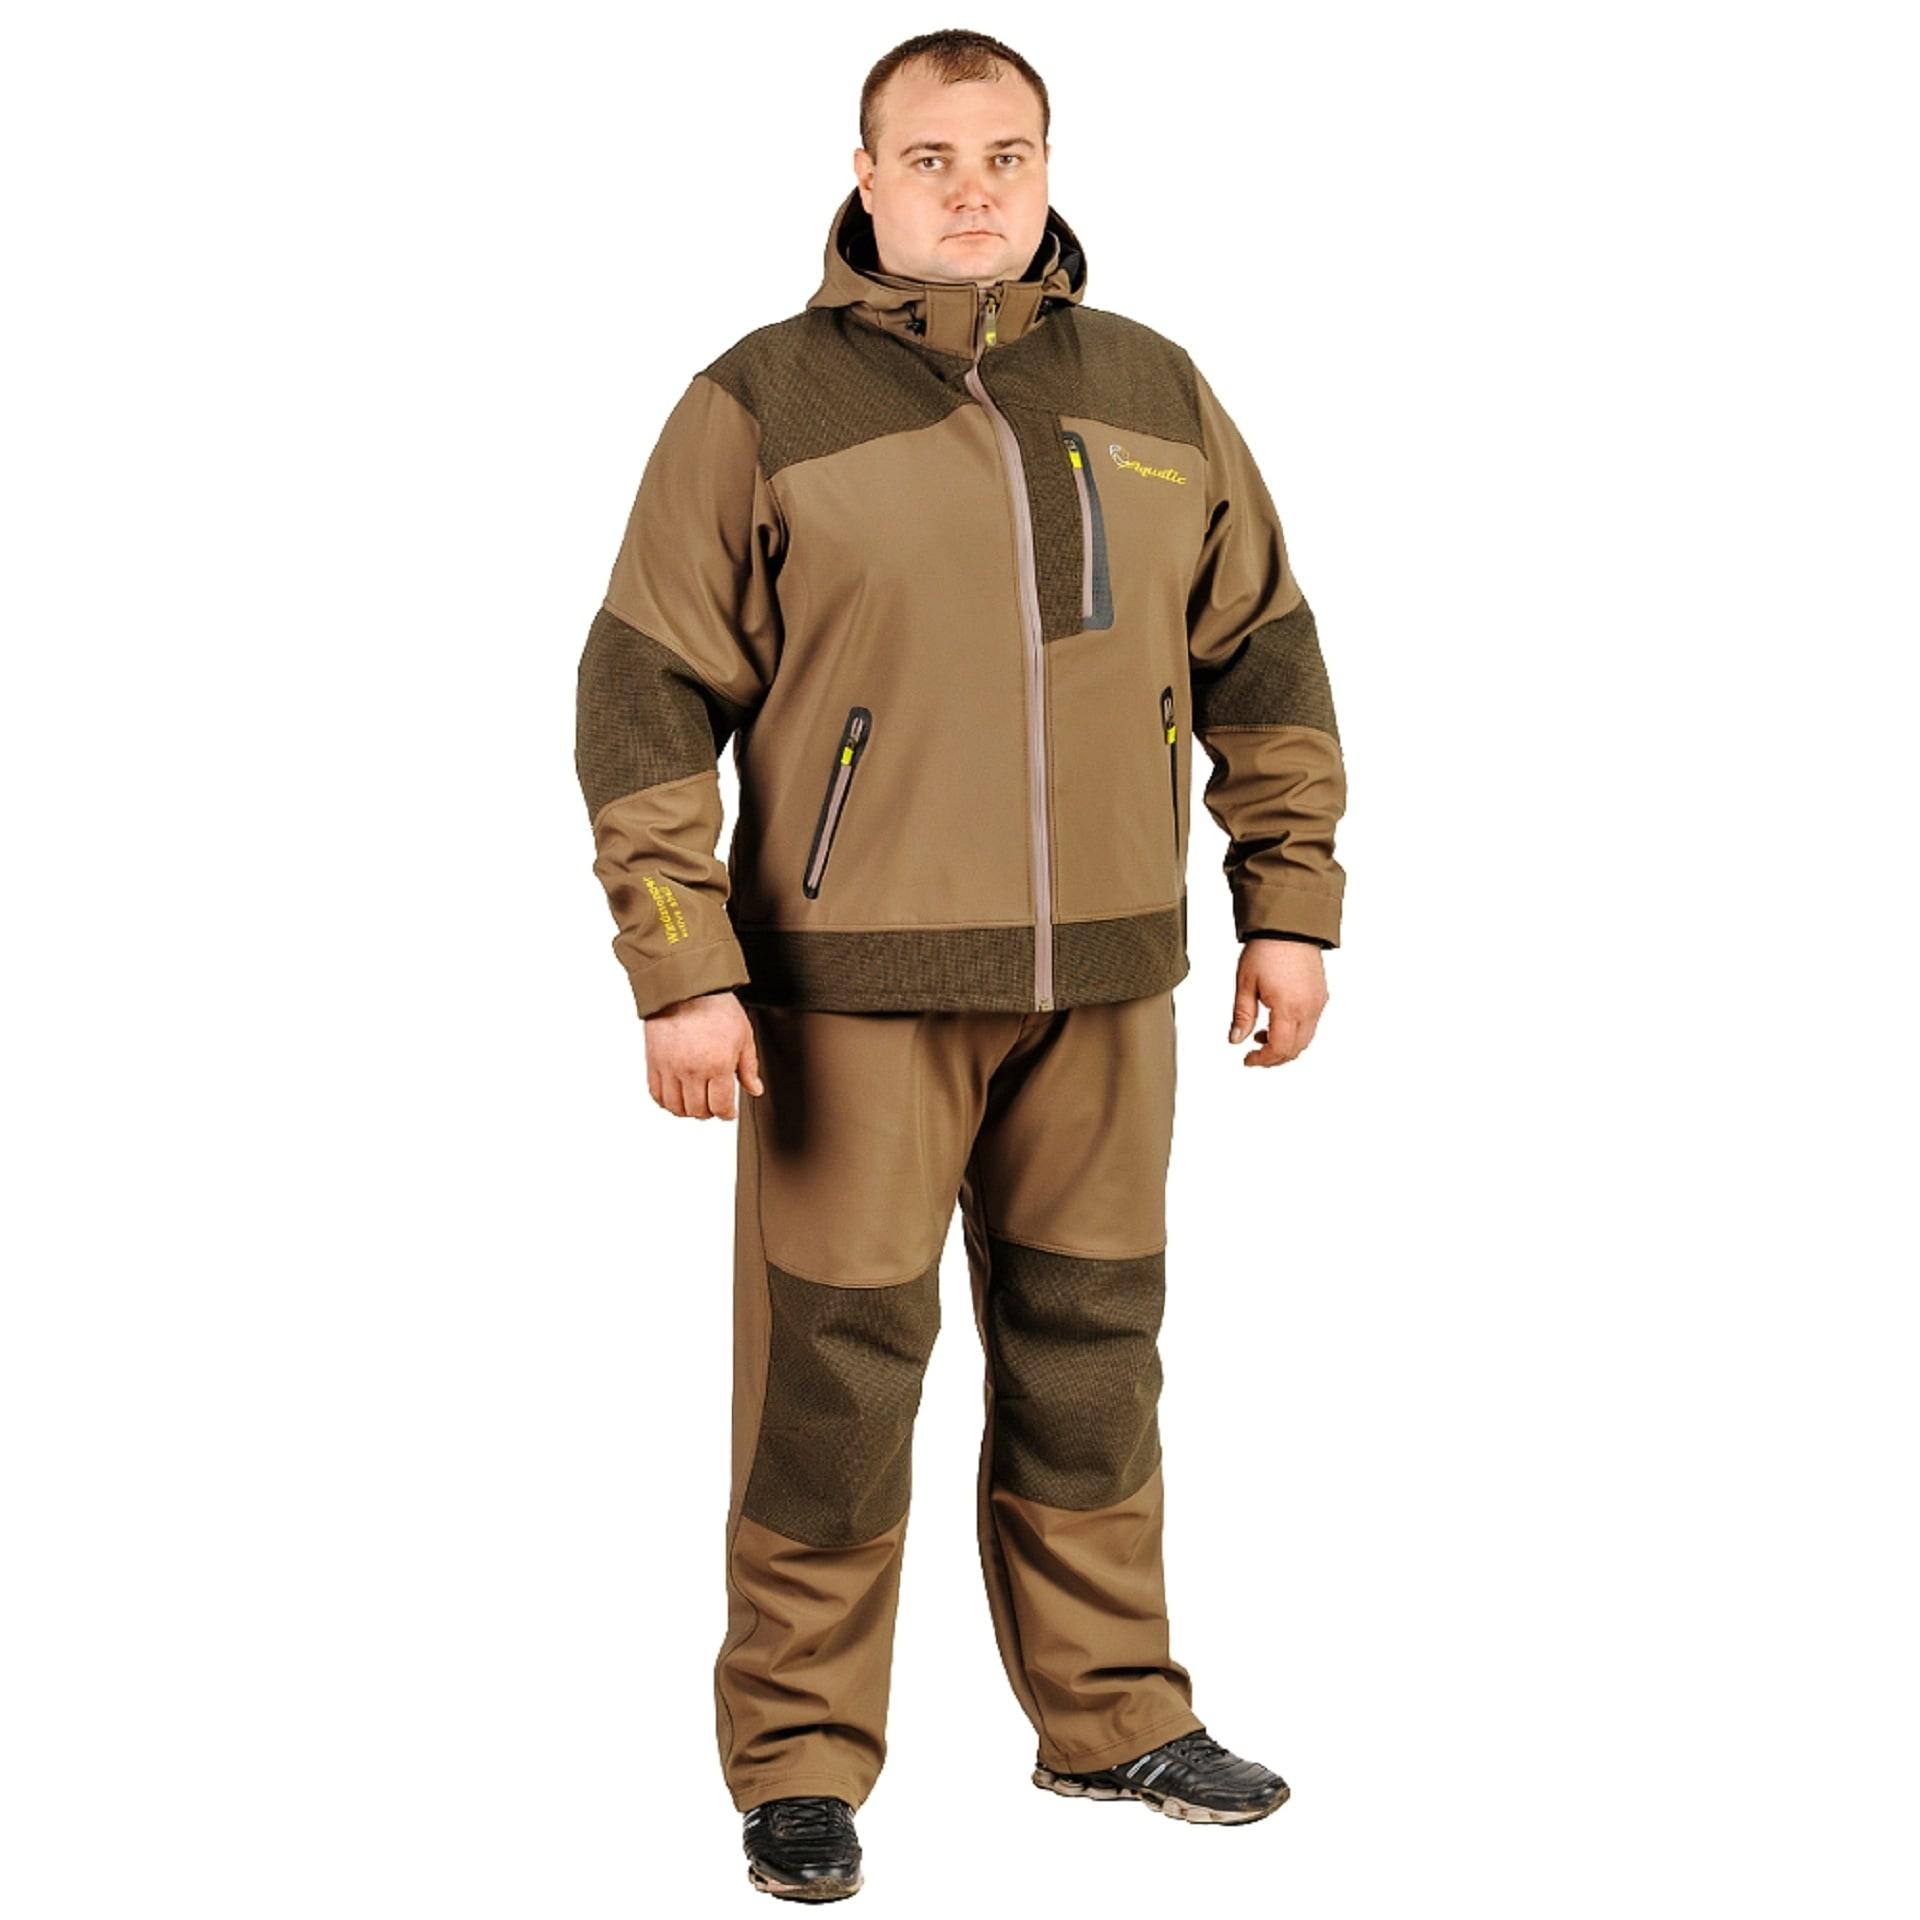 Костюм Aquatic К-04 (мембрана 5000/5000, Soft Shell) - Одежда Aquatic